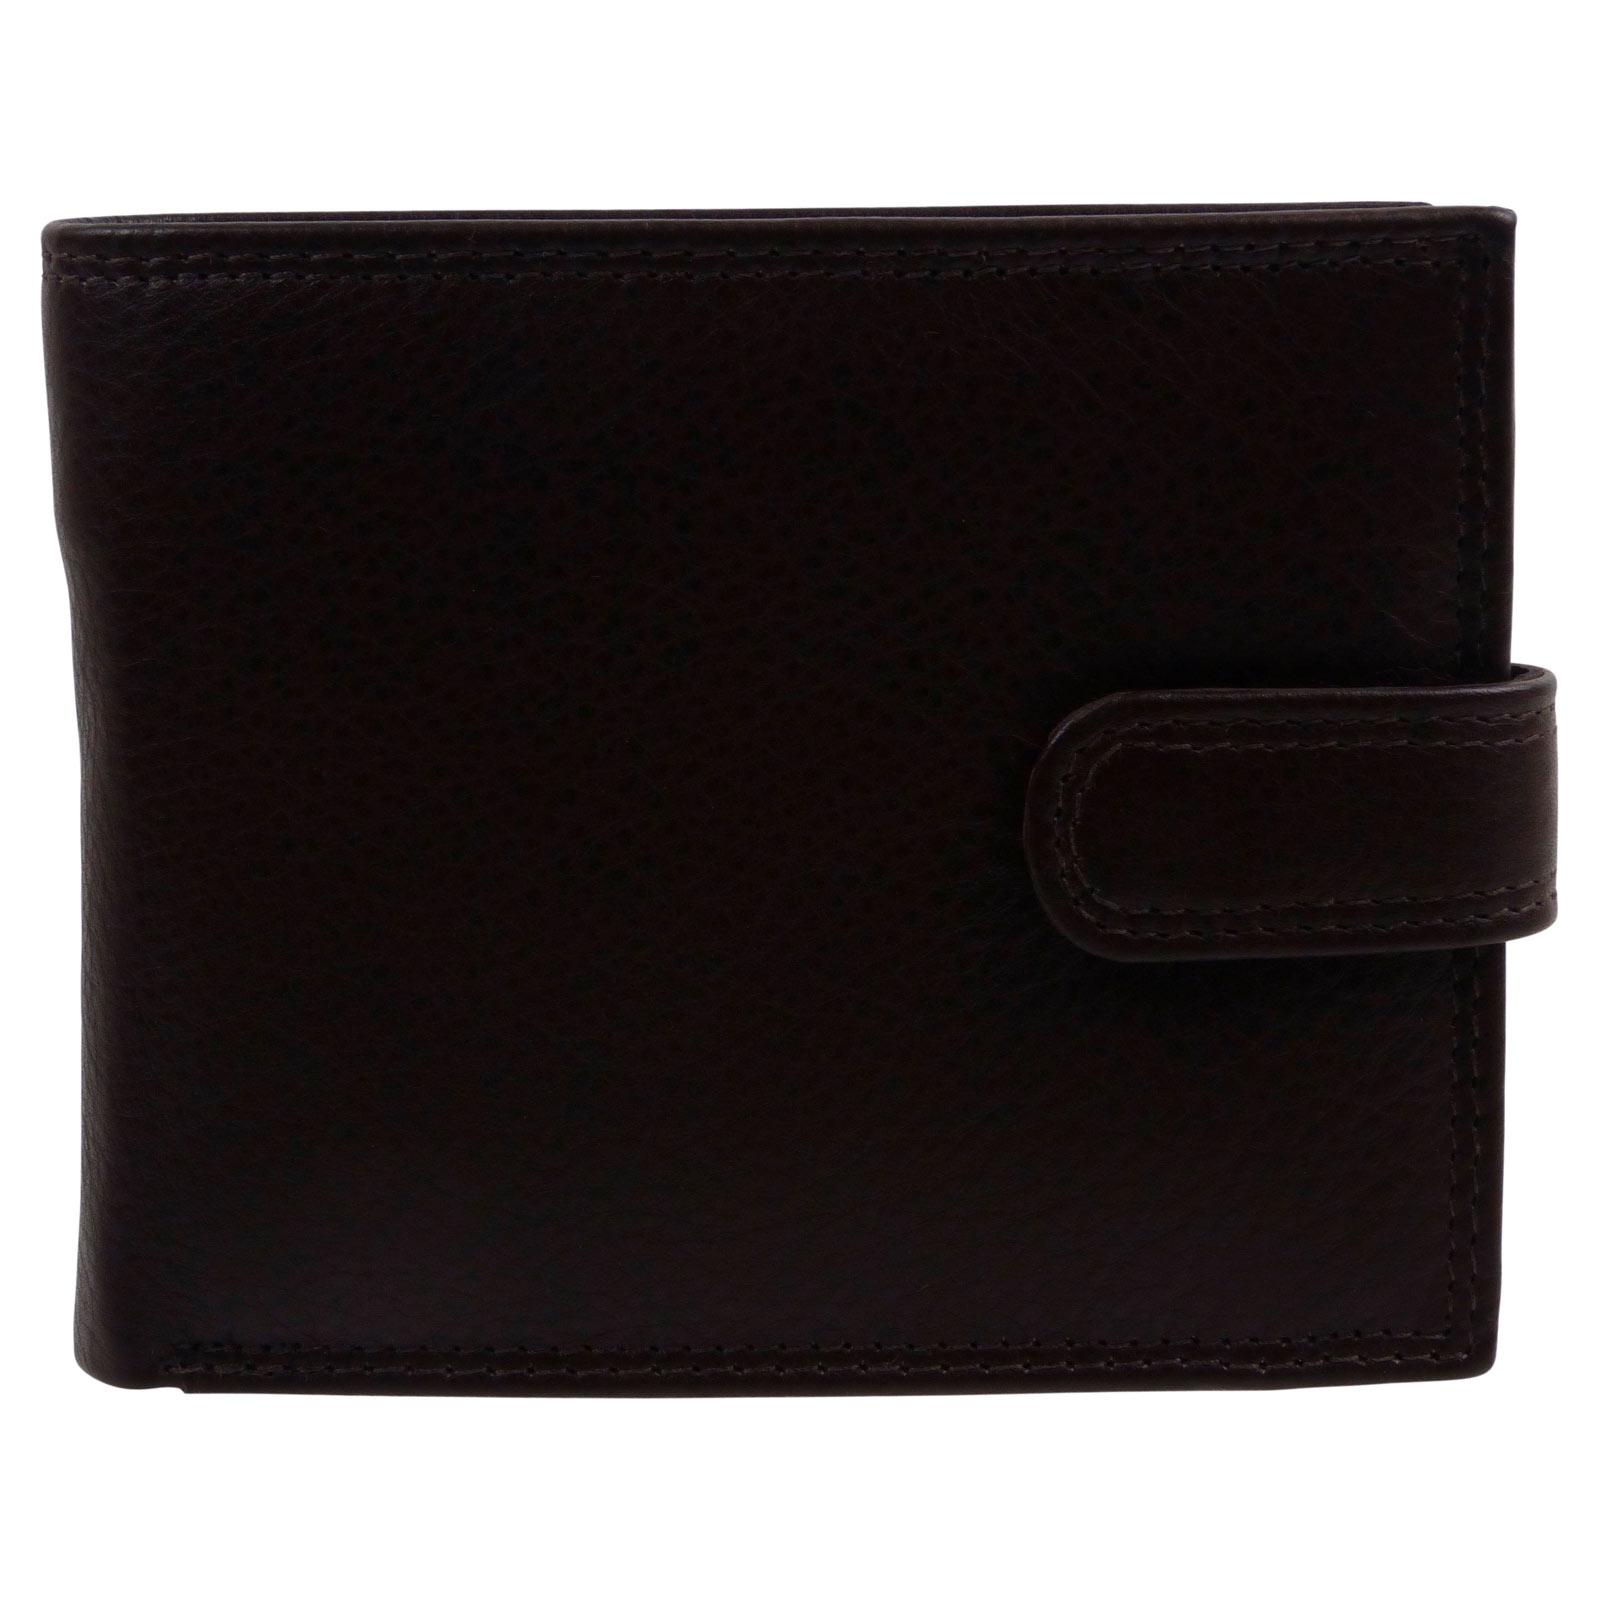 Golunski-Leather-Mens-Bi-Fold-Wallet thumbnail 14